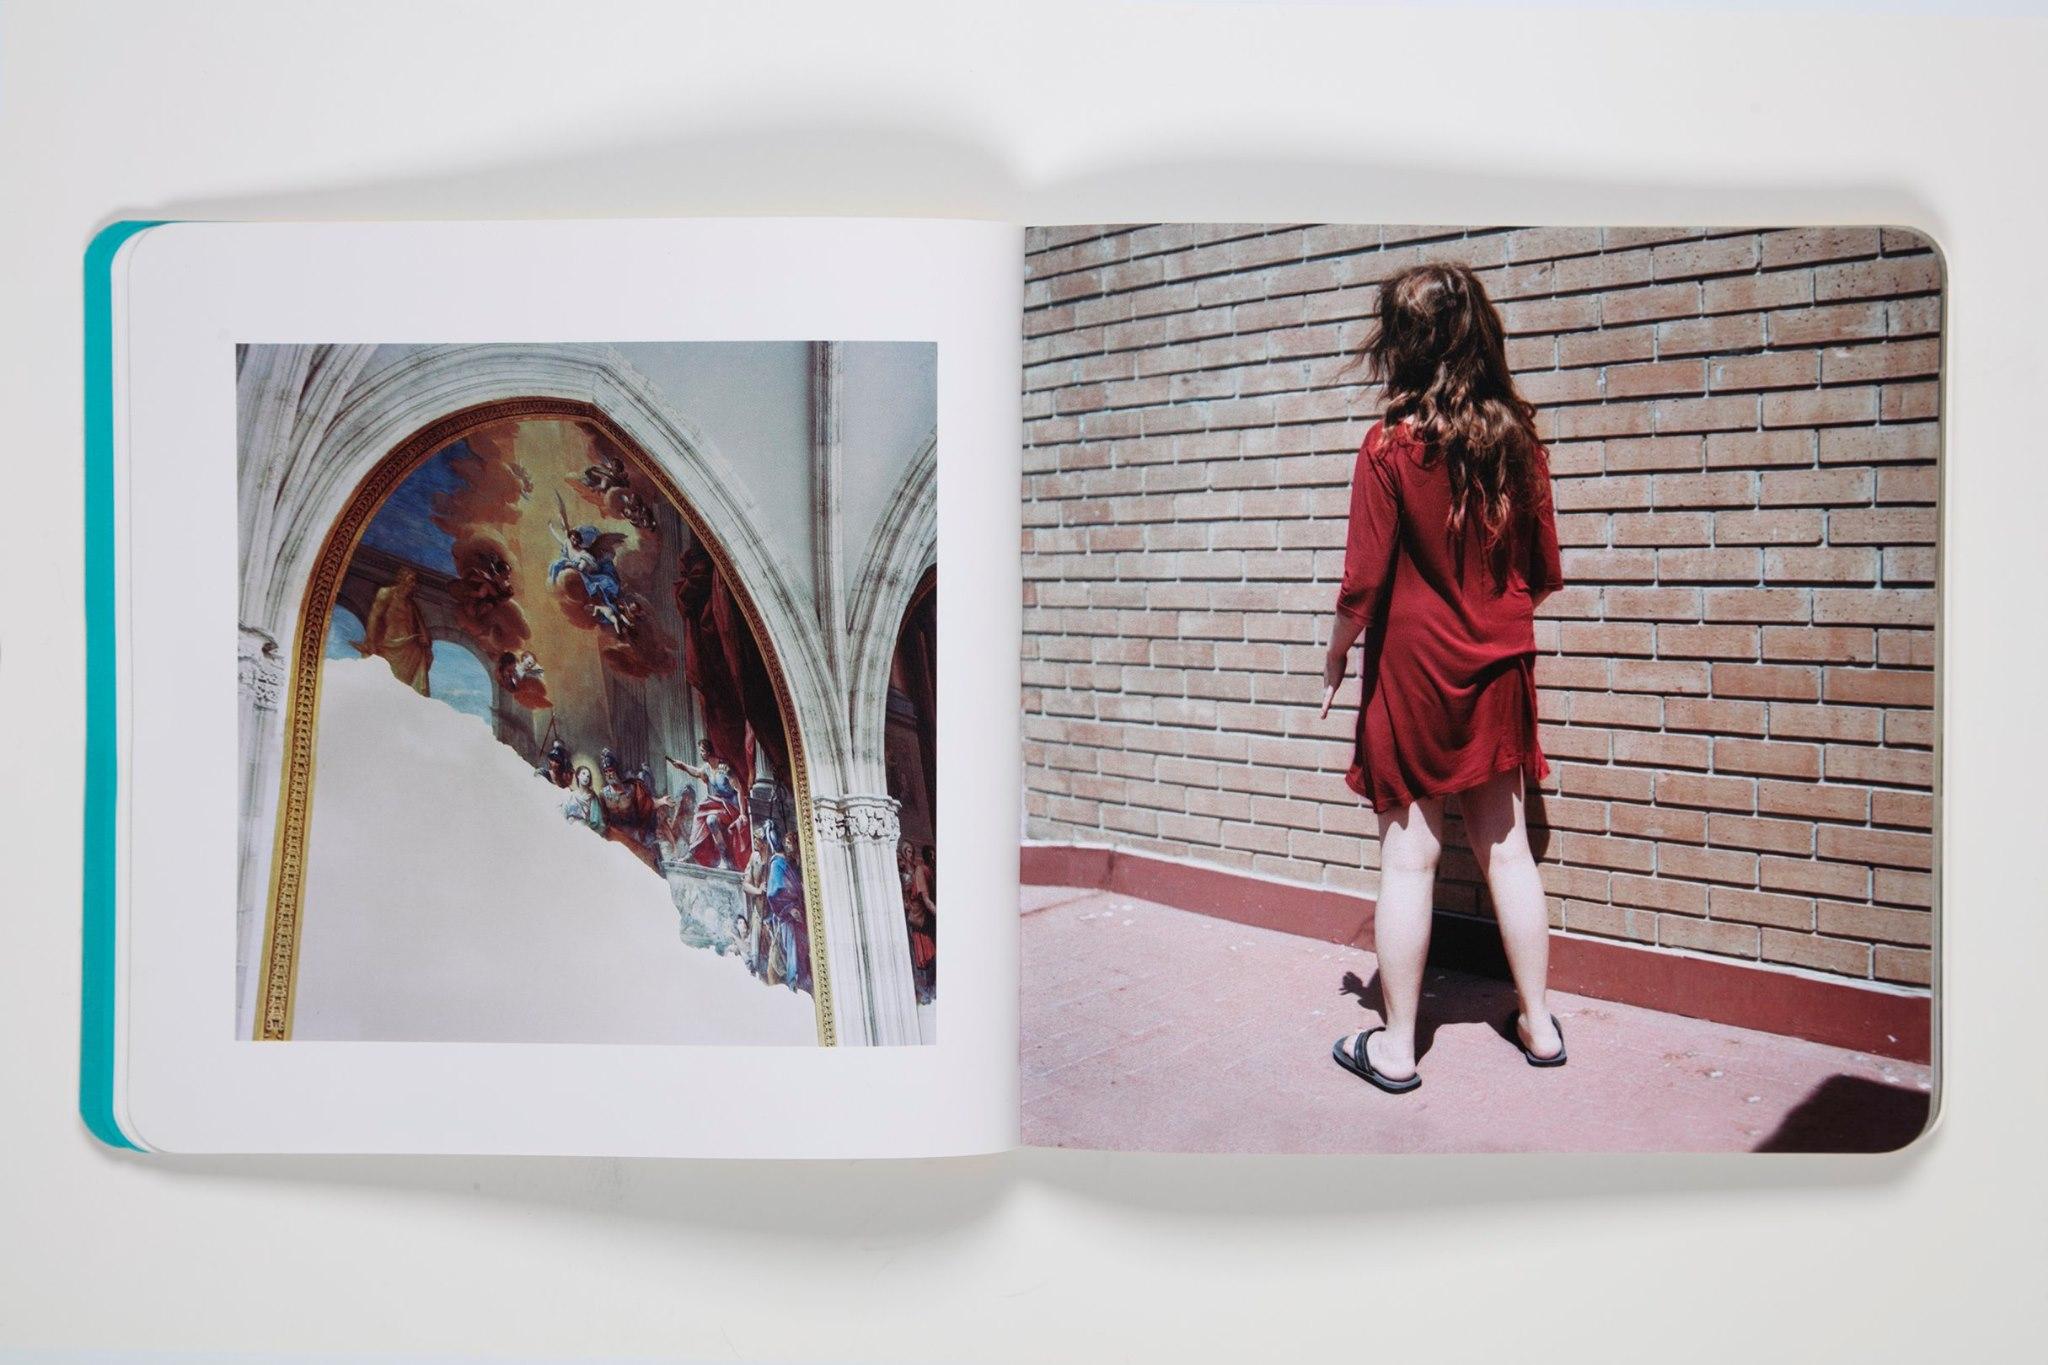 Alistan reapertura de Museos en Ciudad de México